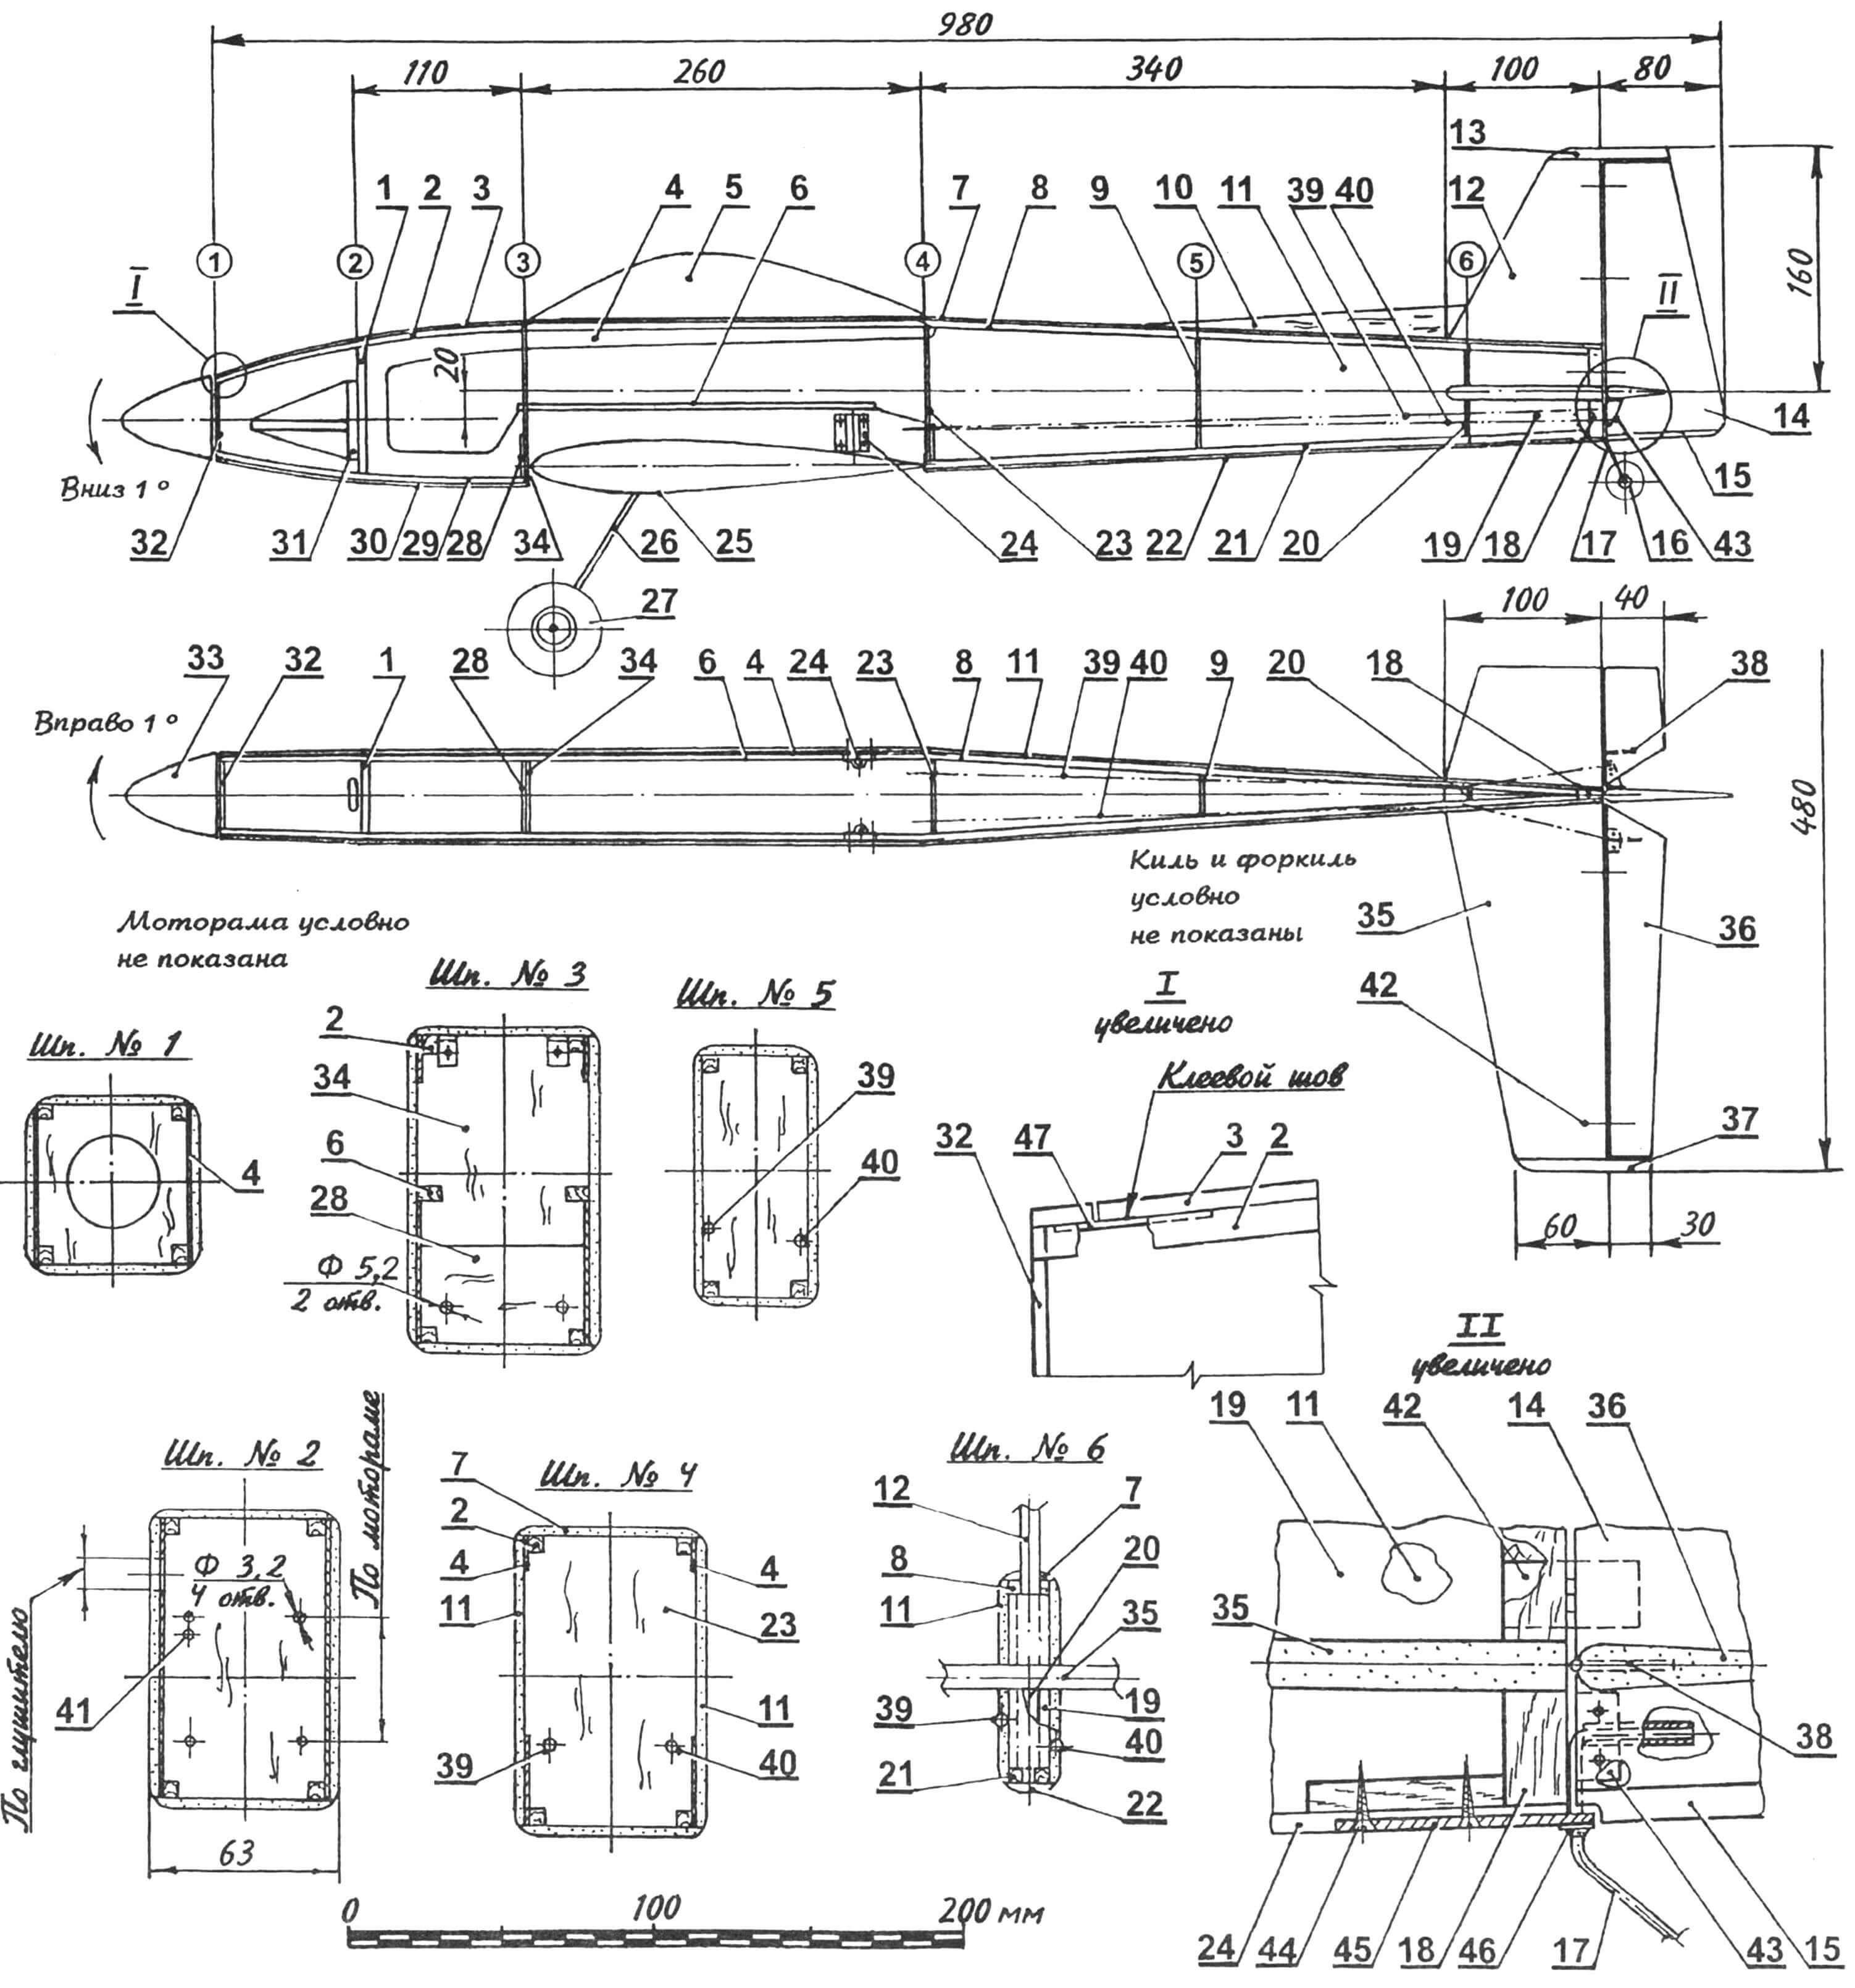 Фюзеляж радиоуправляемой тренировочной модели самолета